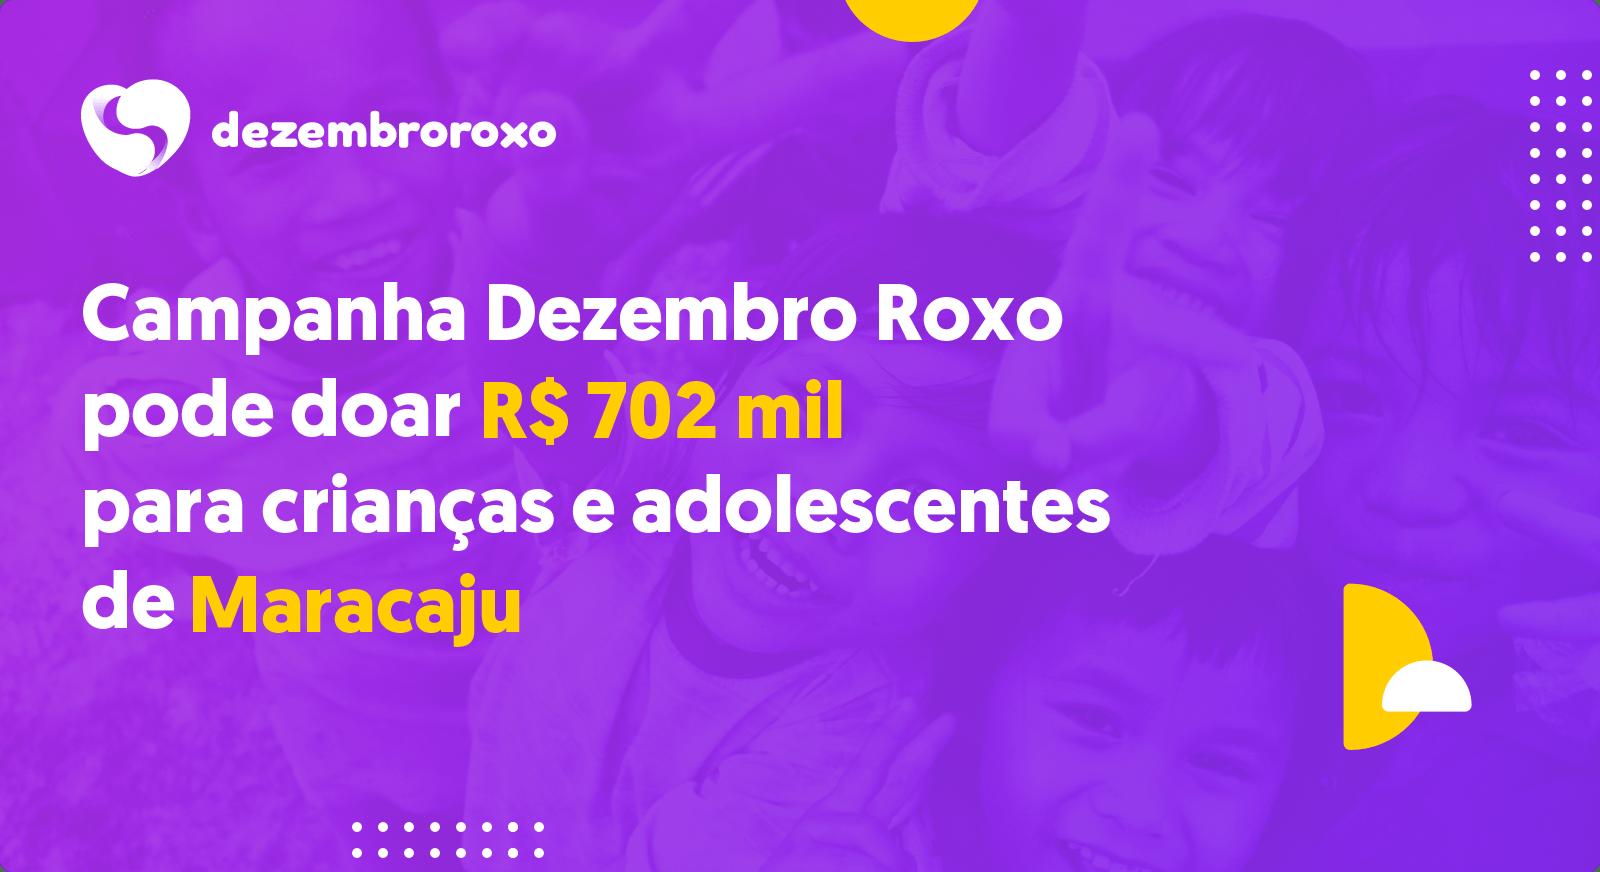 Doações em Maracaju - MS